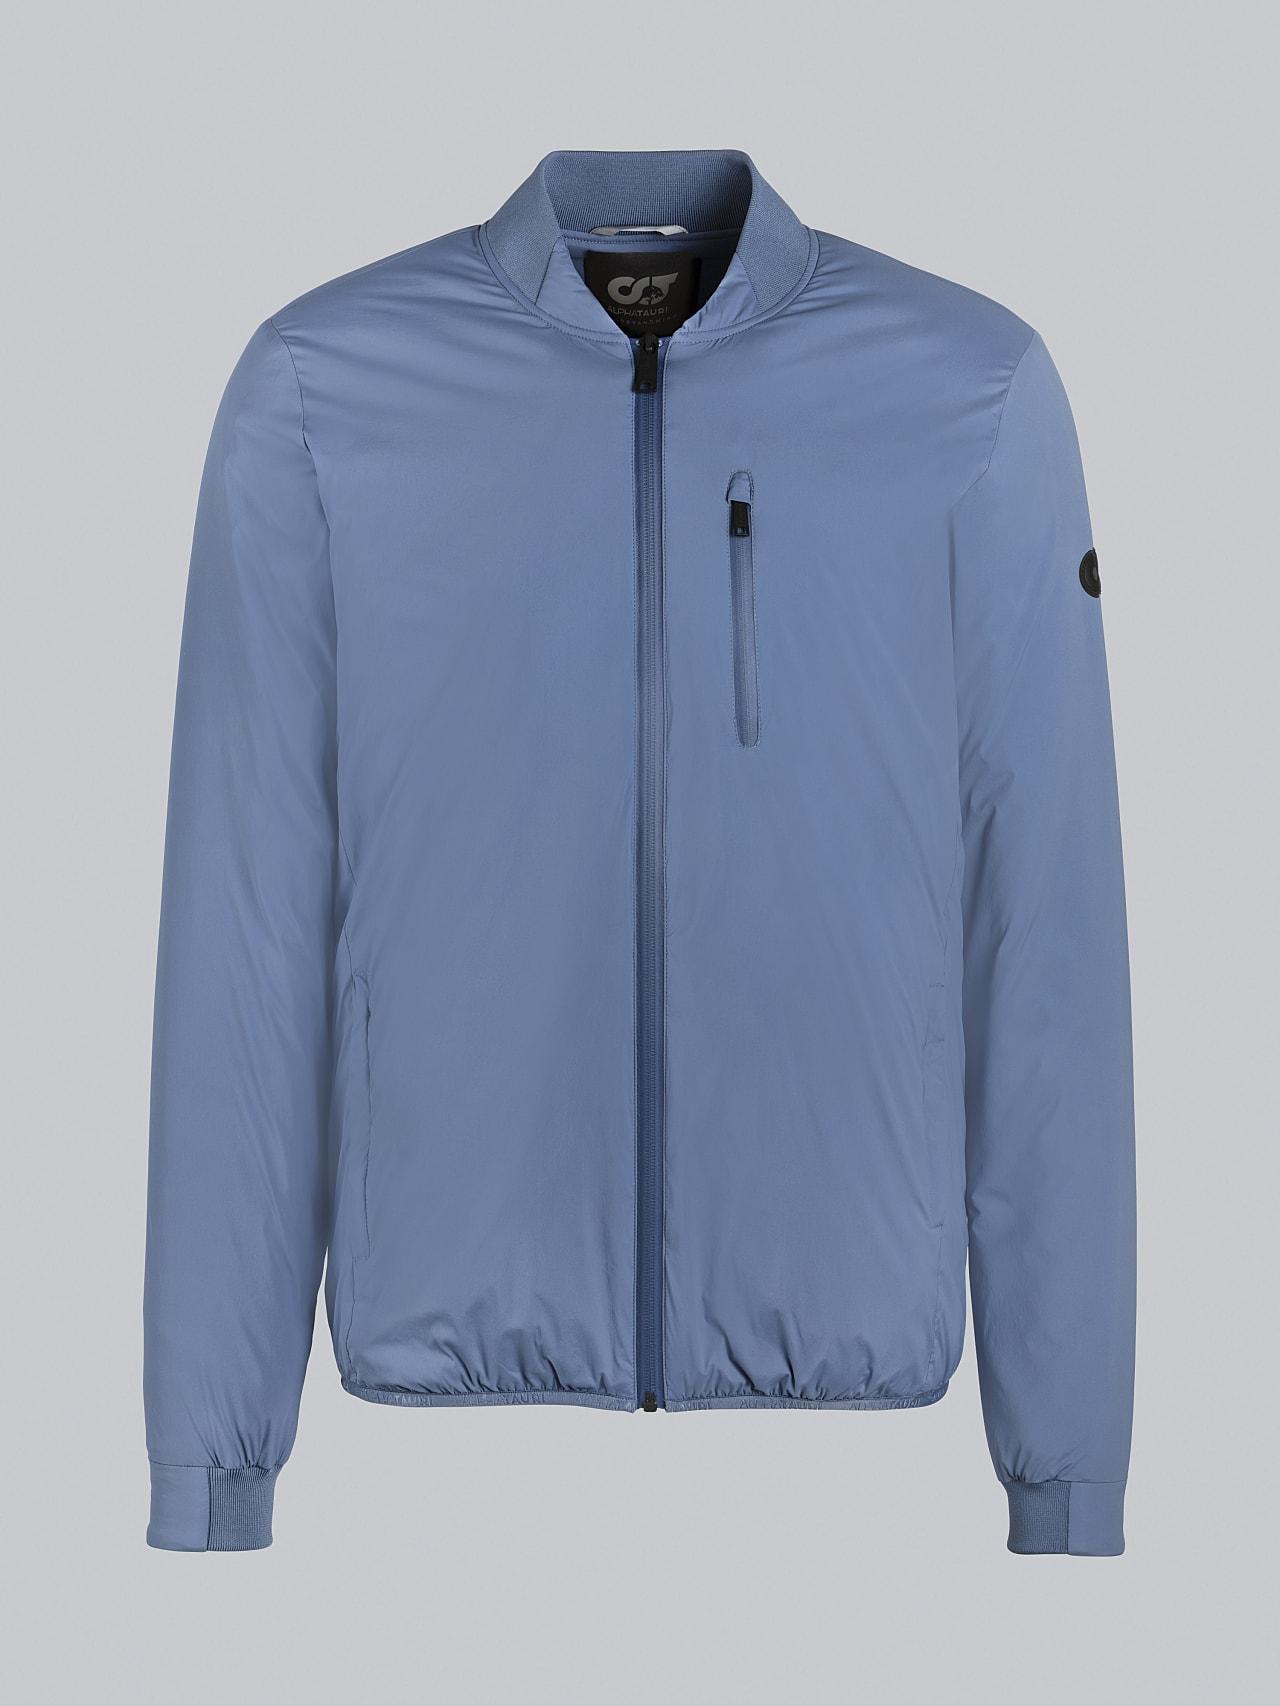 OPRIM V3.Y5.02 Padded PrimaLoft® Jacket light blue Back Alpha Tauri